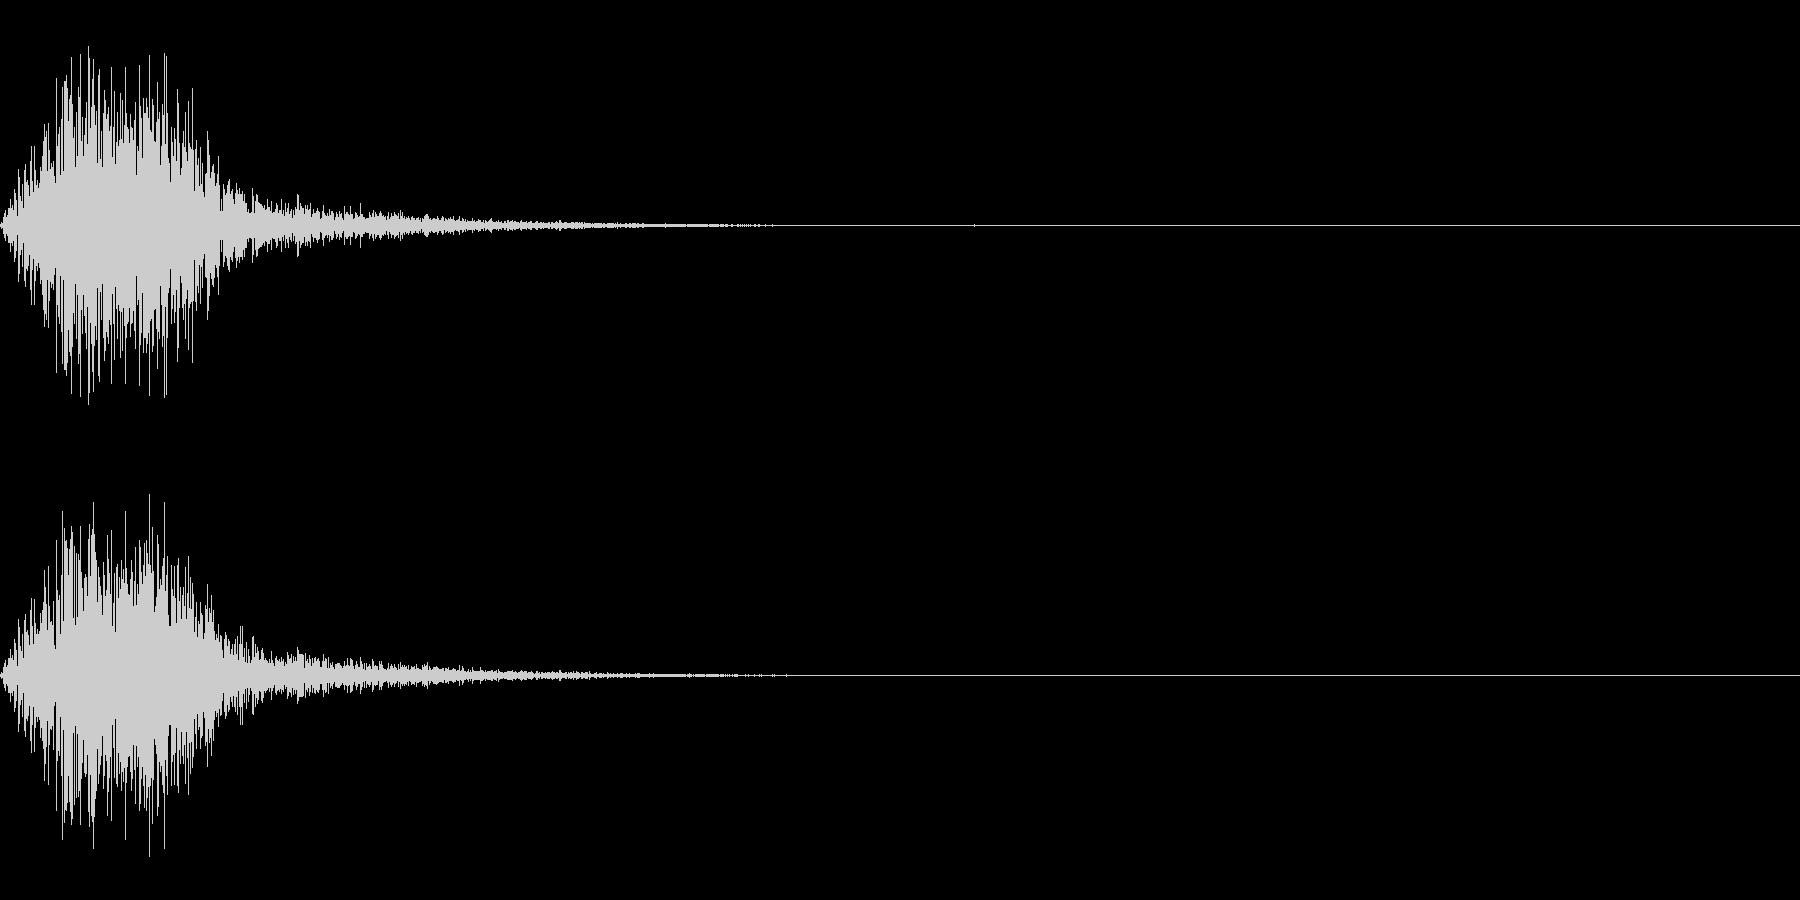 スイング/バット/振る/ブンッ/ジャンプの未再生の波形